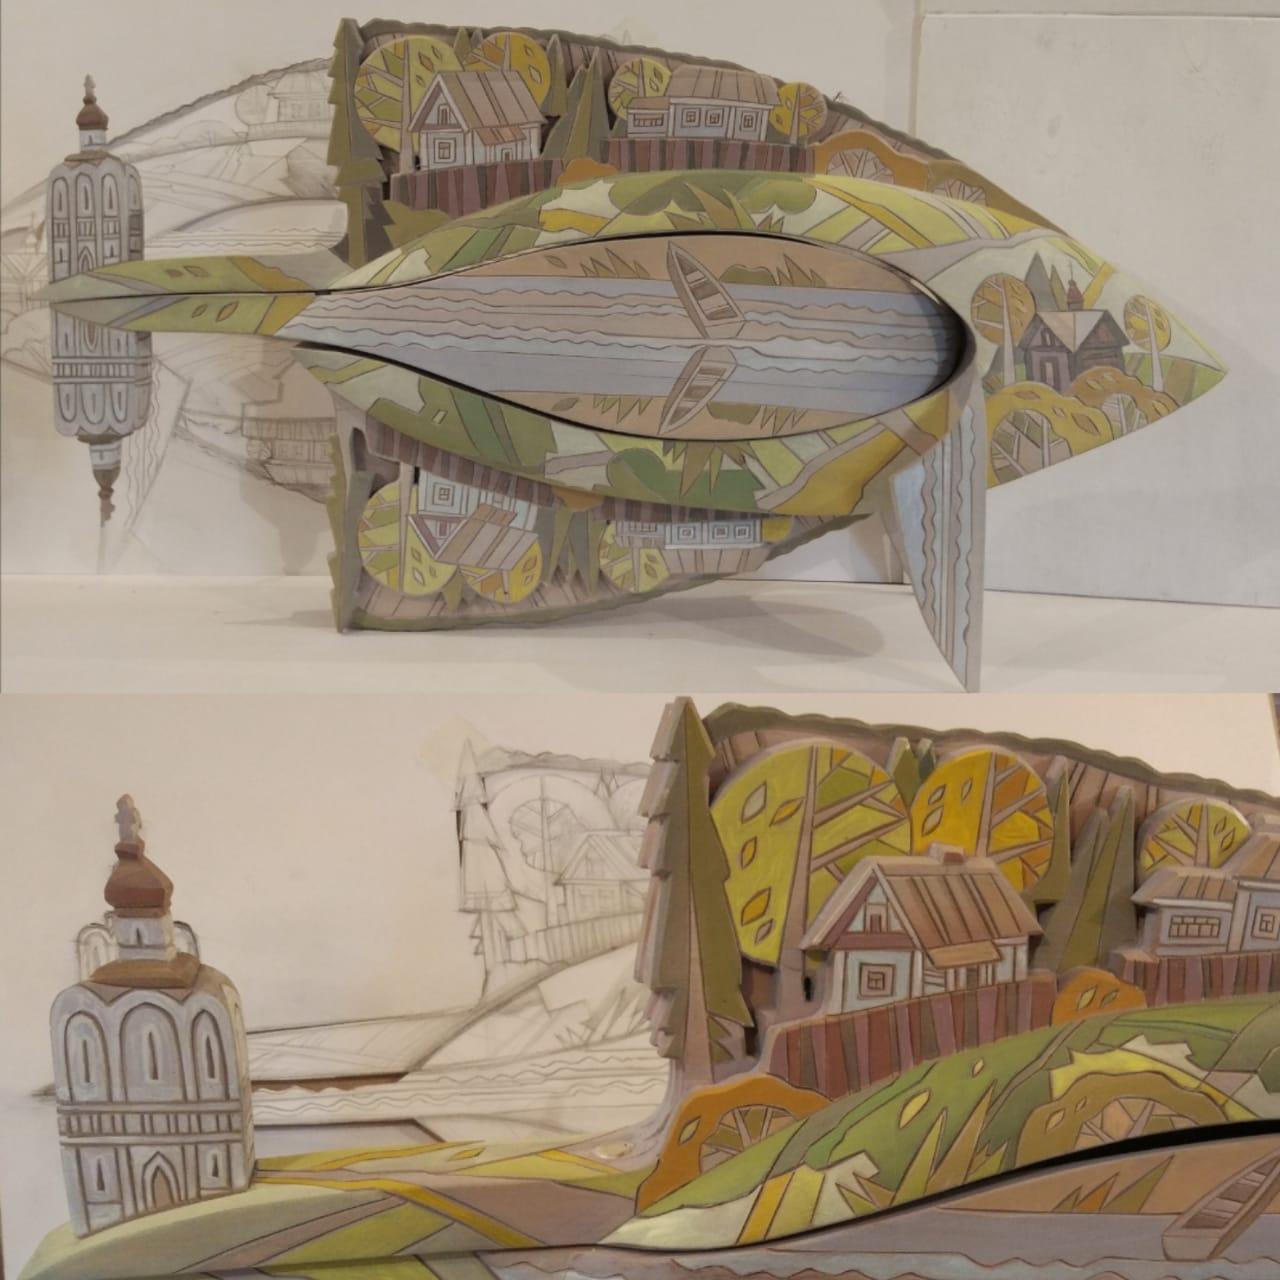 Каталог Ремесел, город Таруса, художник Пилипенко Сергей, скульптура (дерево/тонировка), Подводный листопад